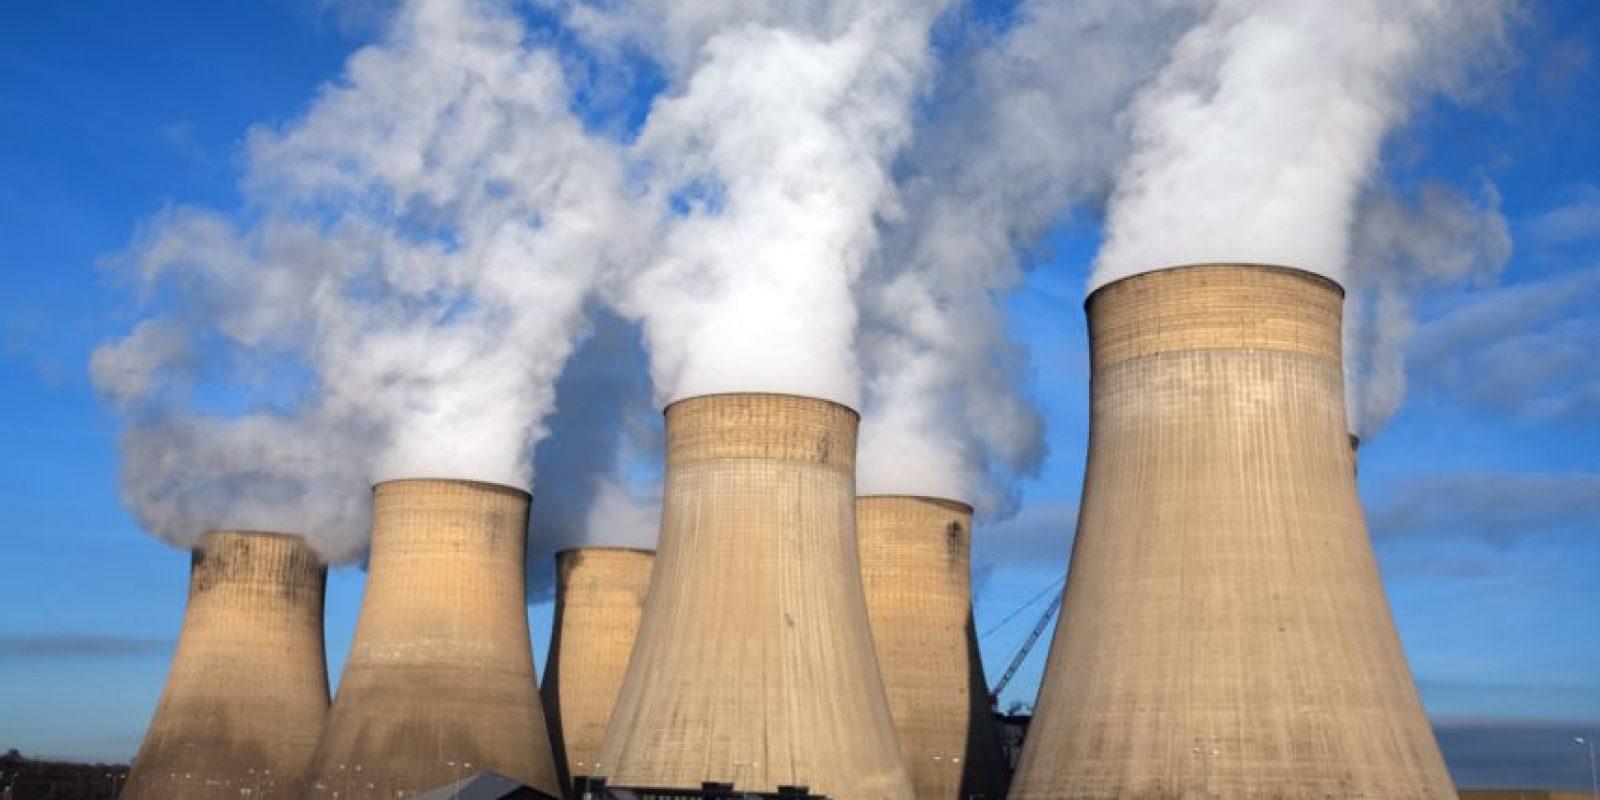 Este se produjo cerca de un lugar de pruebas nucleares. Se rumora que fue una explosión lo que causó el incidente. Foto:vía Getty Images